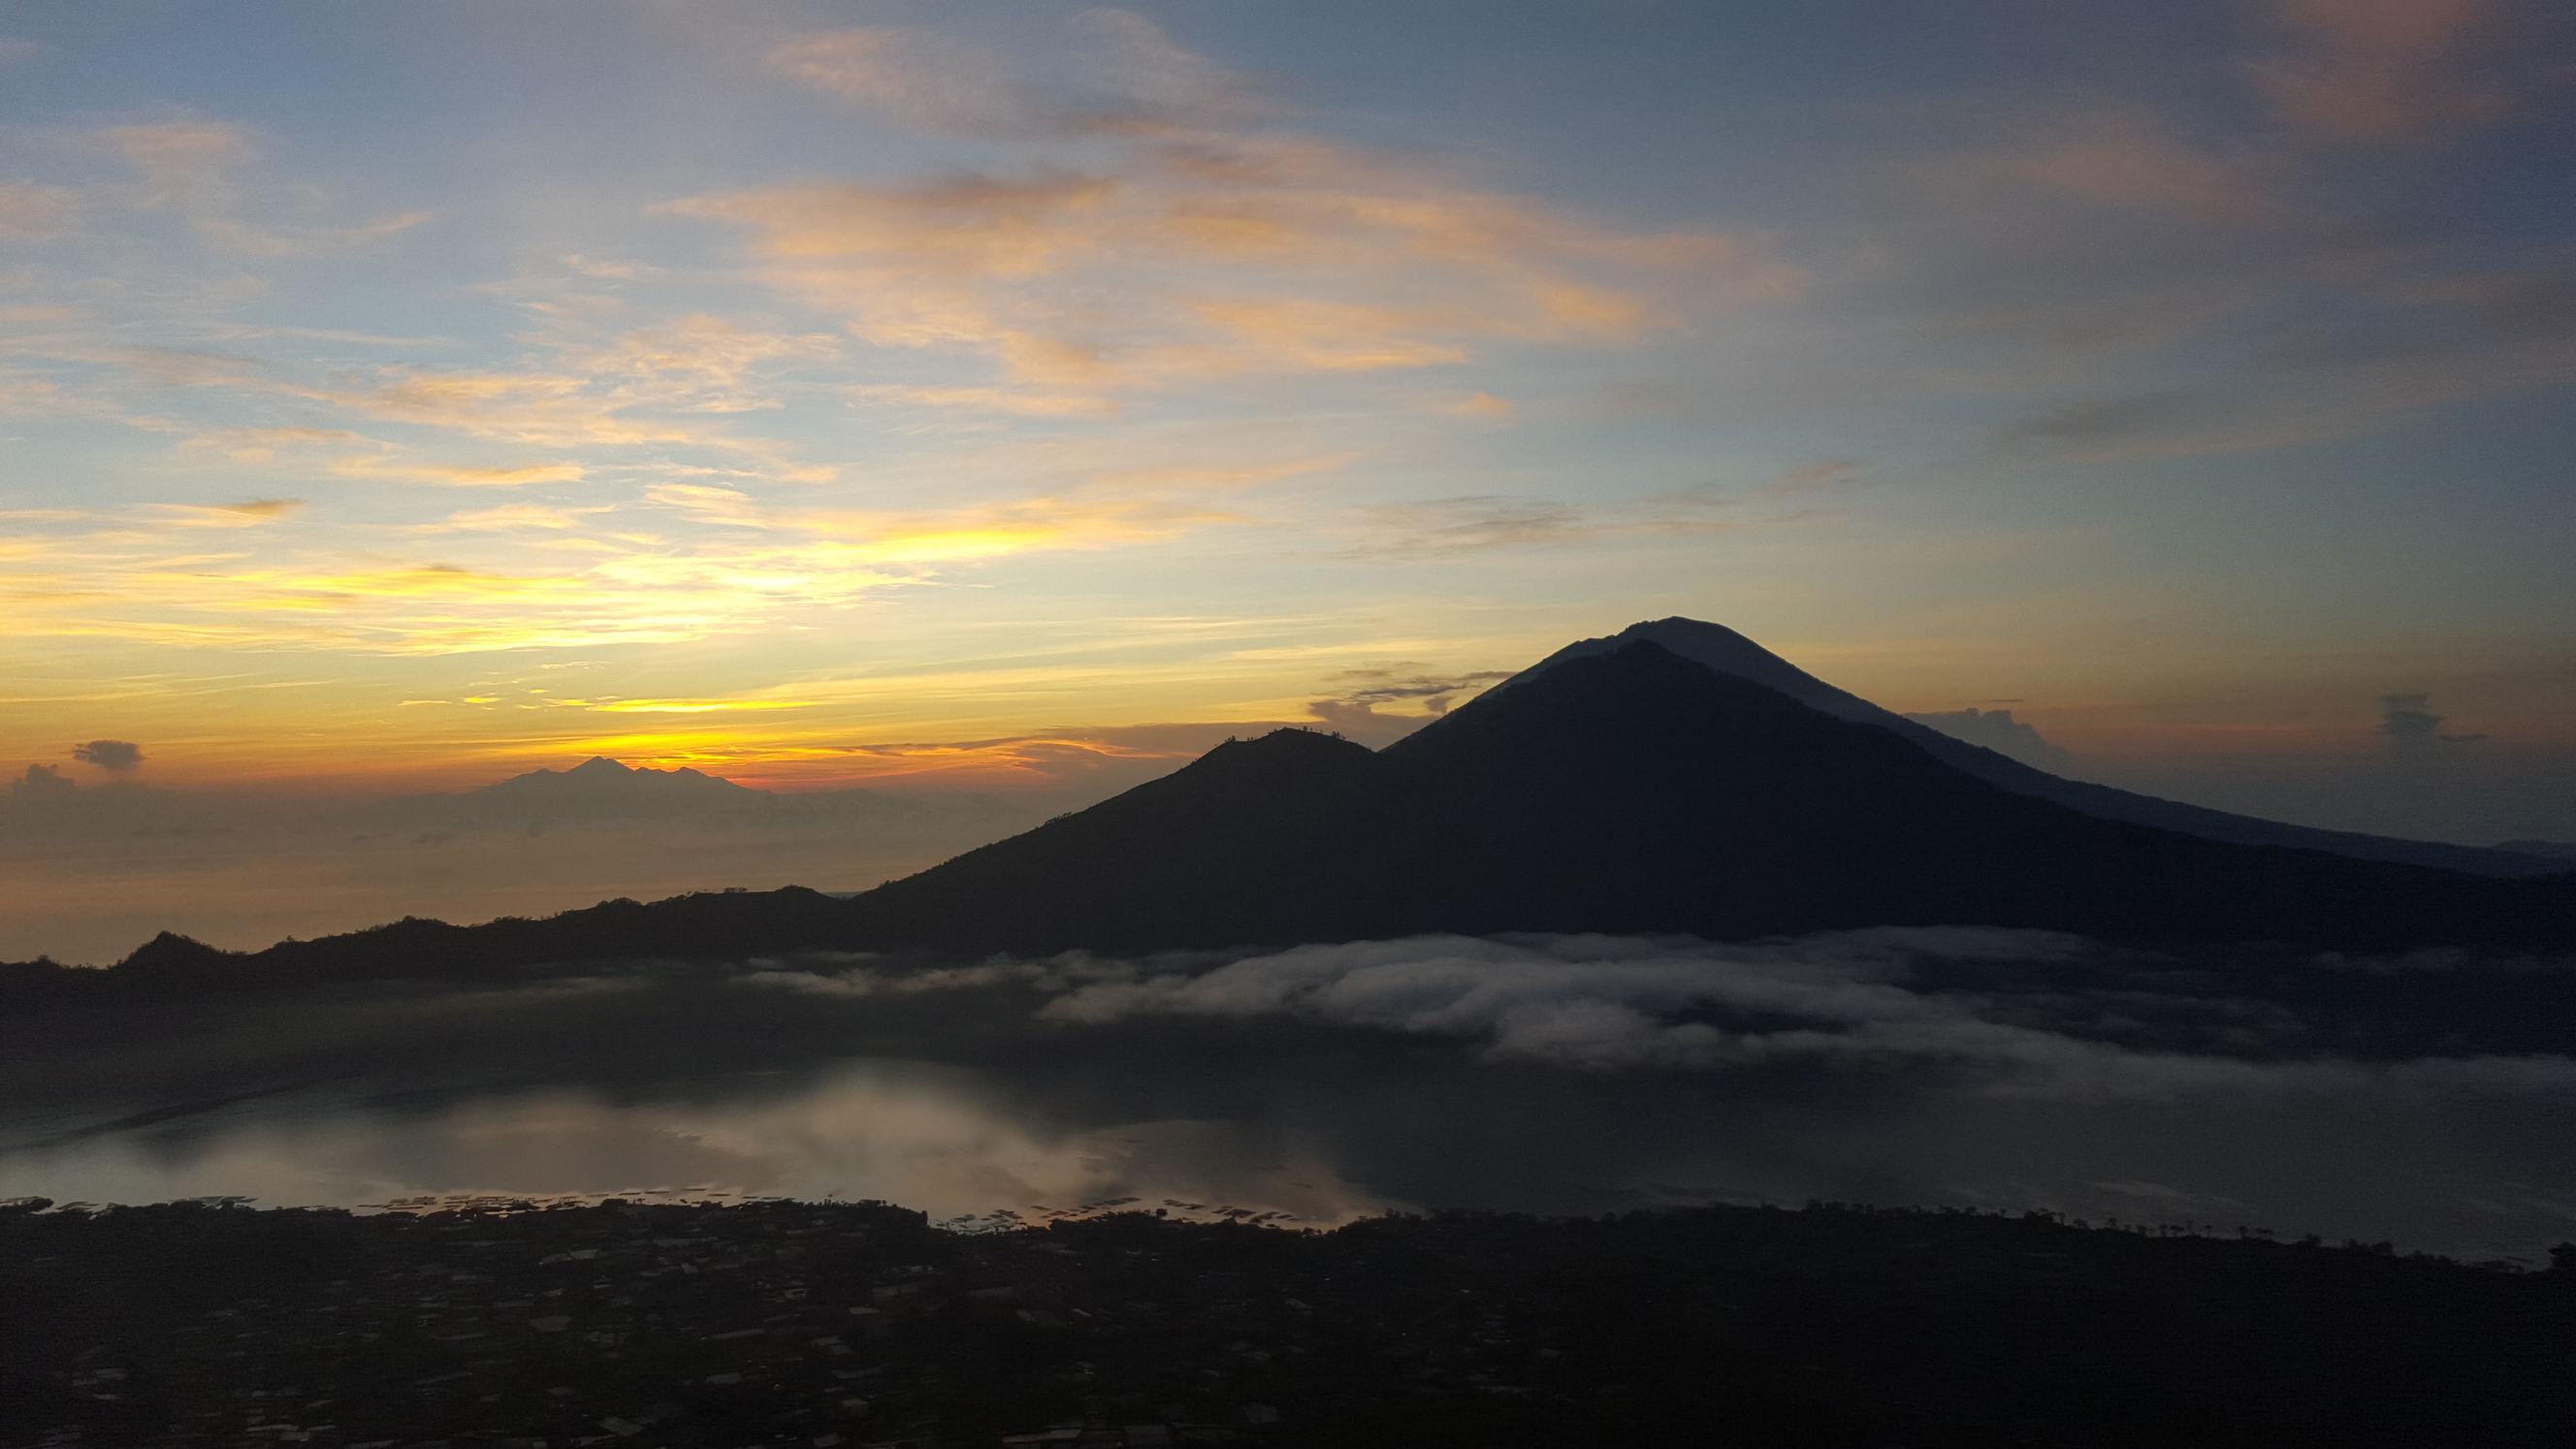 Amanecer desde el Monte Batur